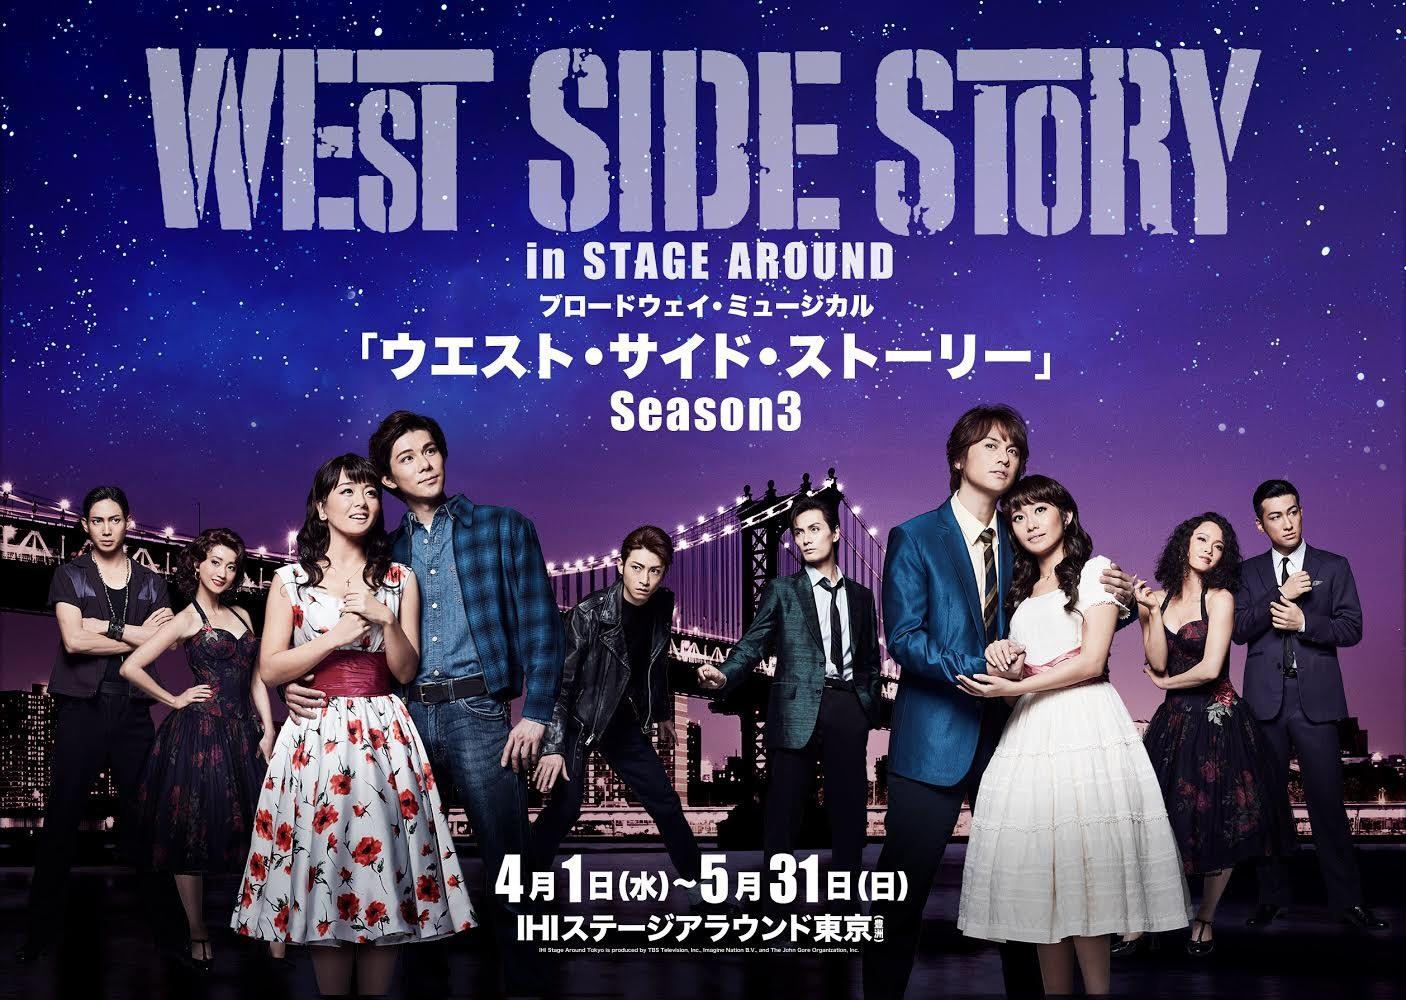 ブロードウェイ・ミュージカル『ウエスト・サイド・ストーリー』日本キャスト版 Season3